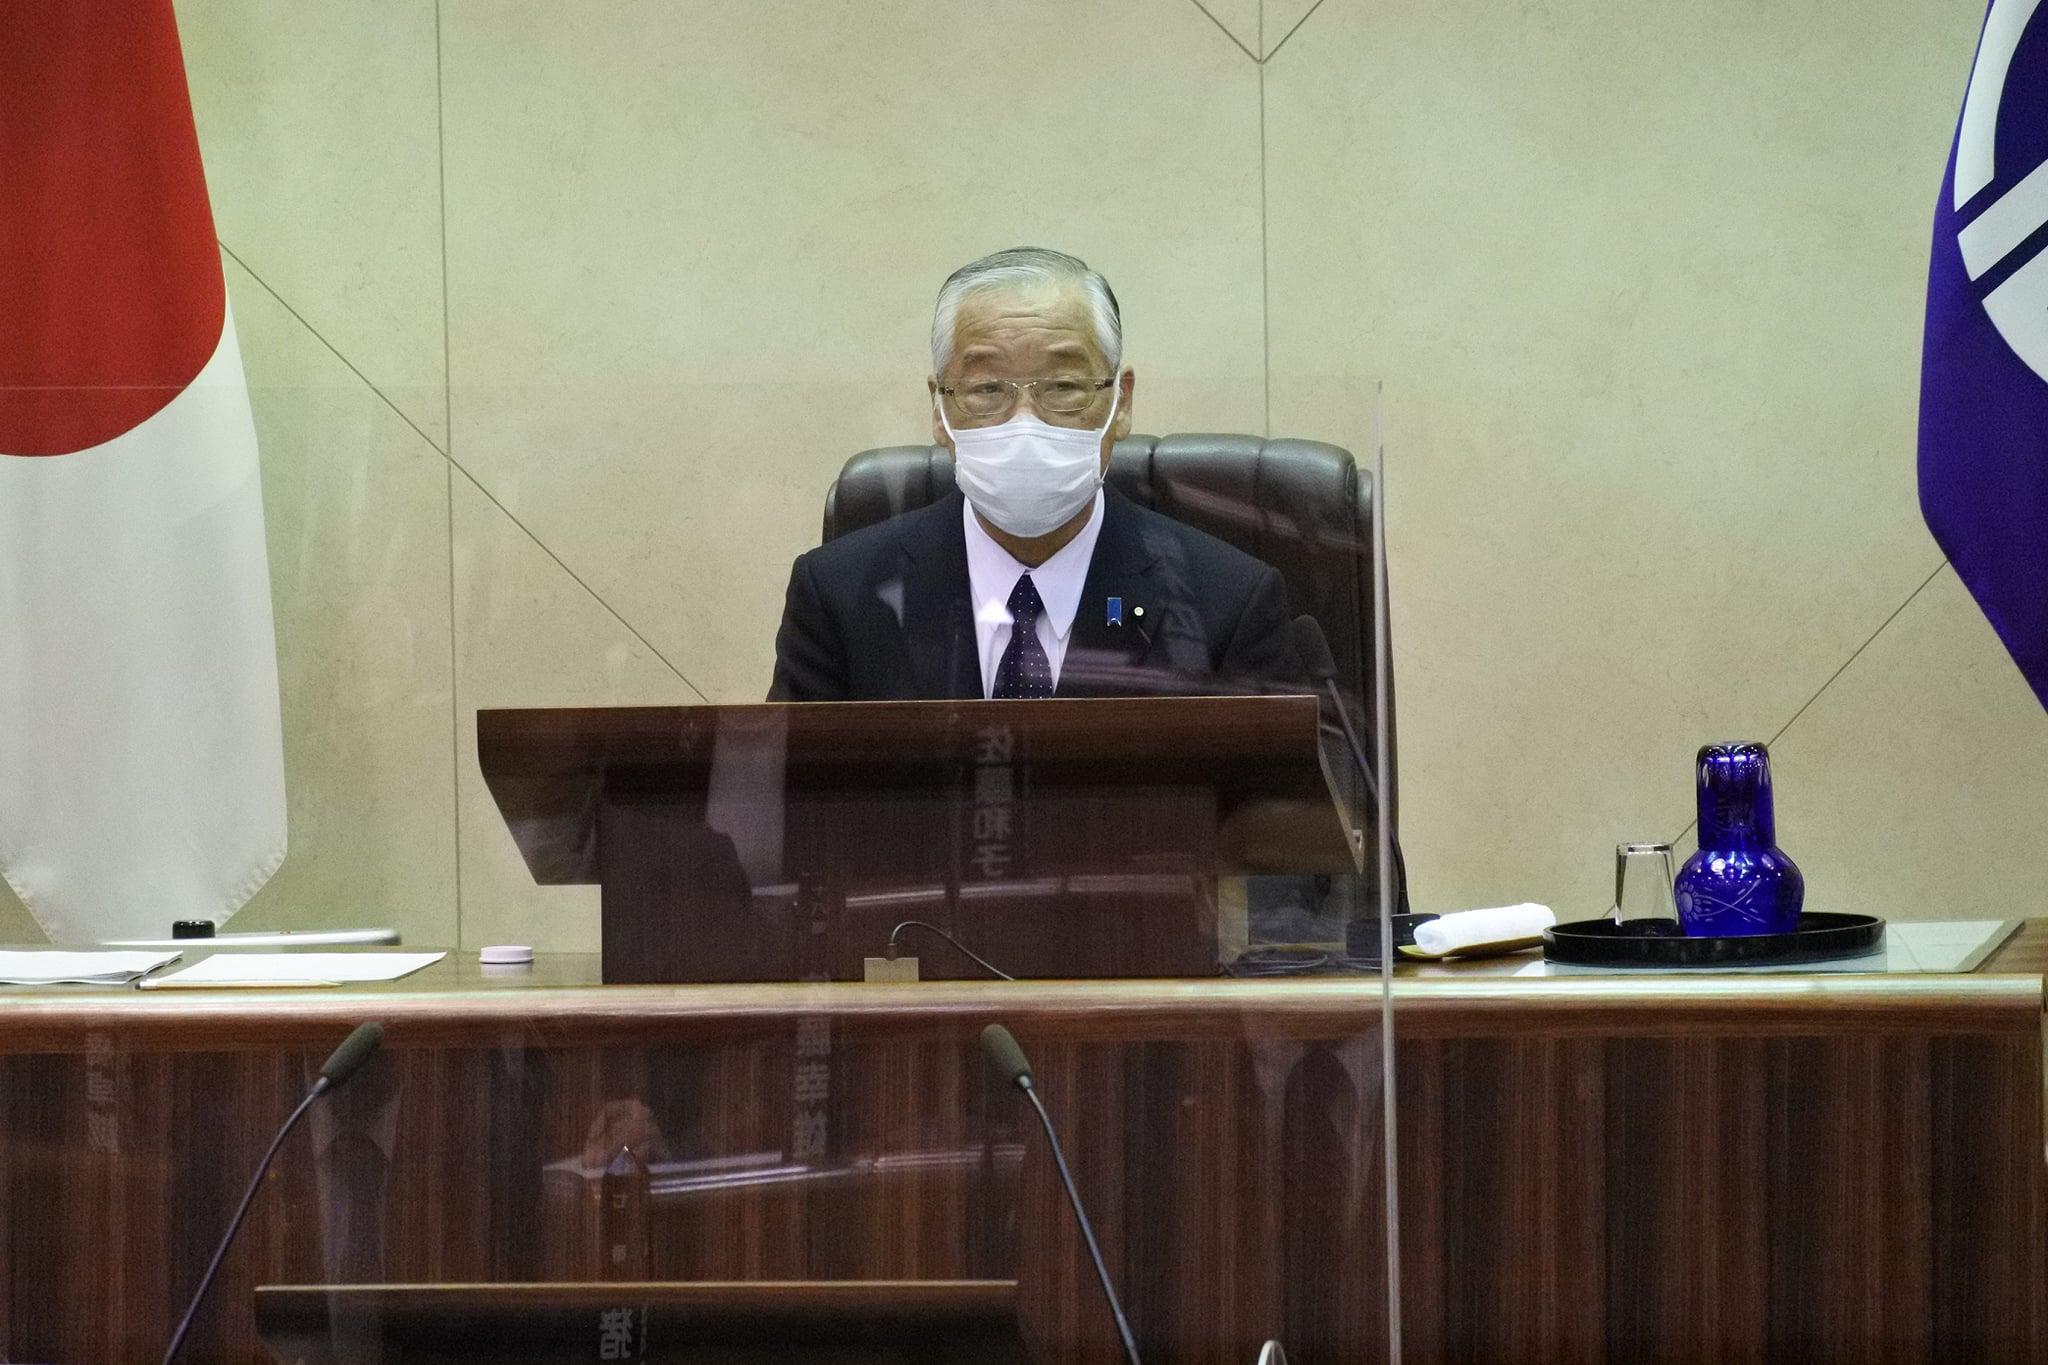 令和3年1月5日  令和3年第1回臨時議会が開催されました。